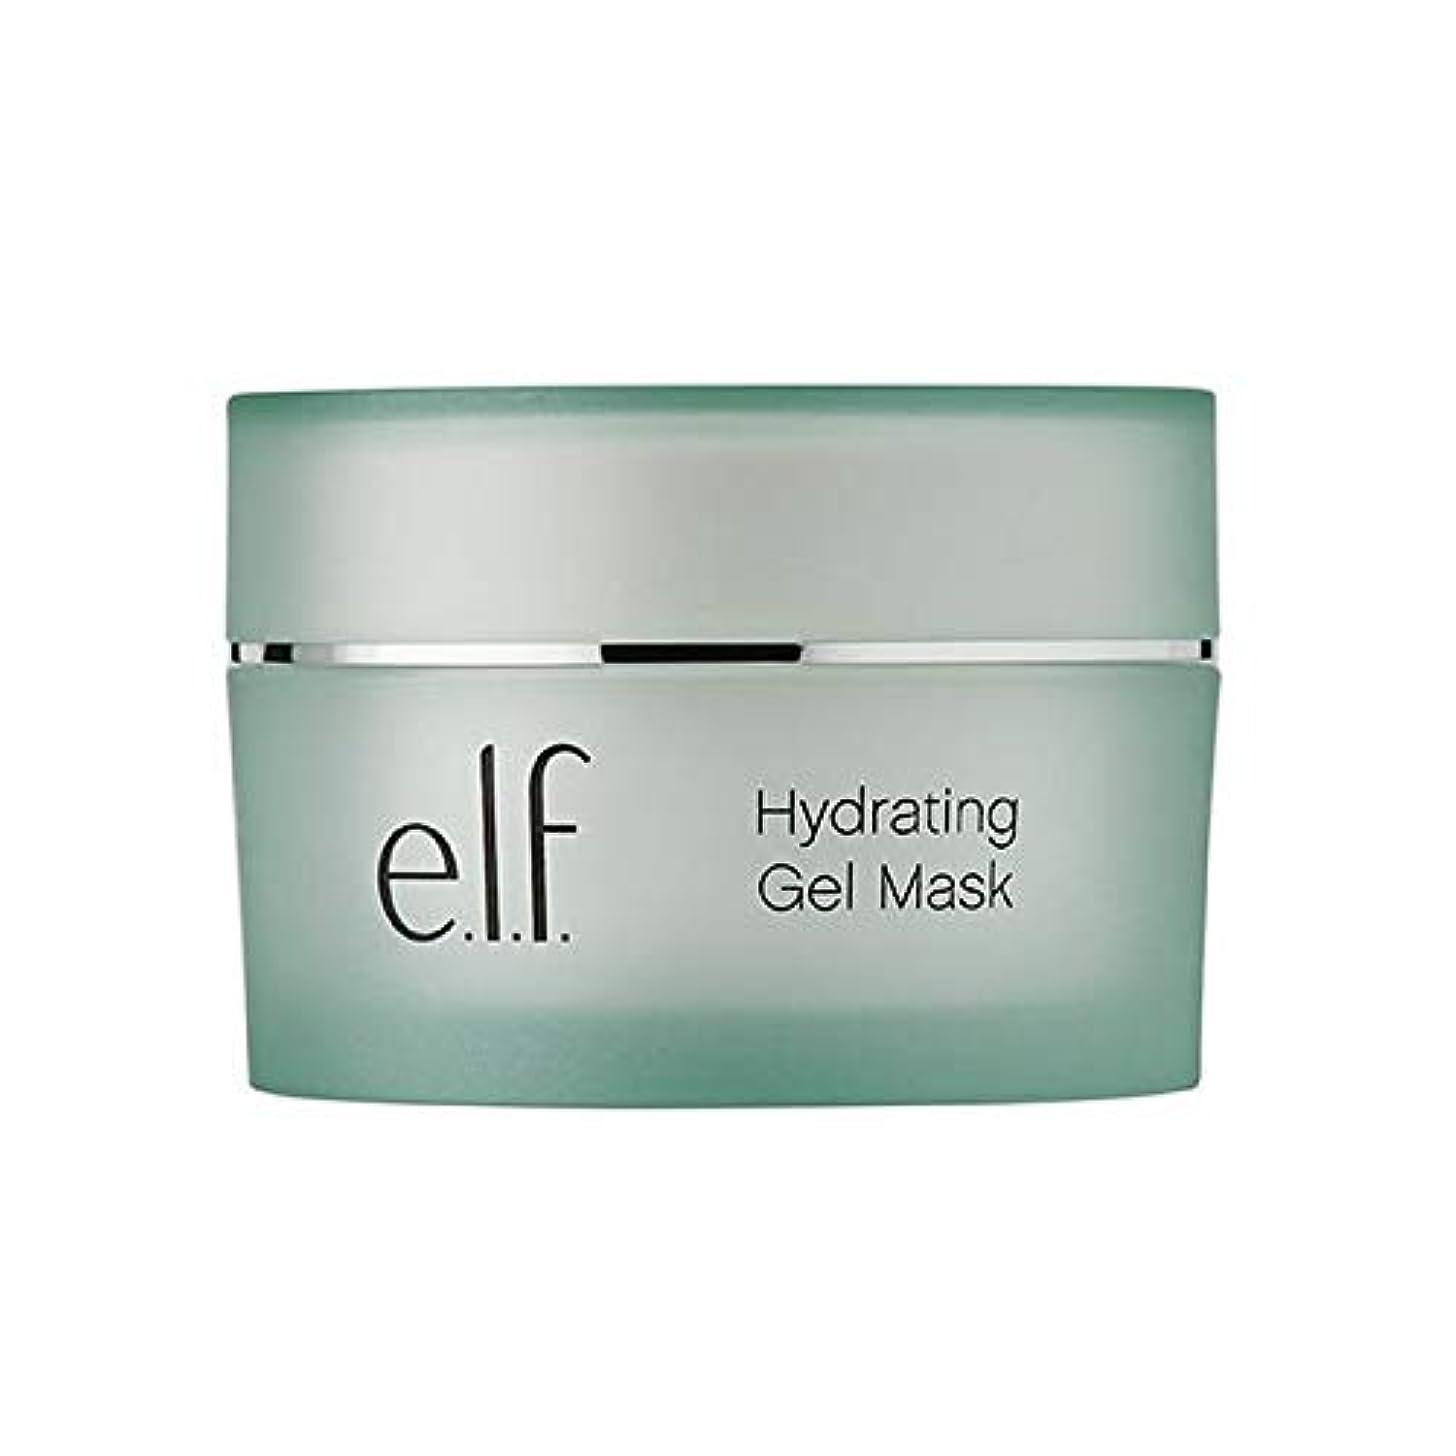 検証予測する感じる[Elf] エルフ。水和ゲルマスク52ミリリットル - e.l.f. Hydrating Gel Mask 52ml [並行輸入品]